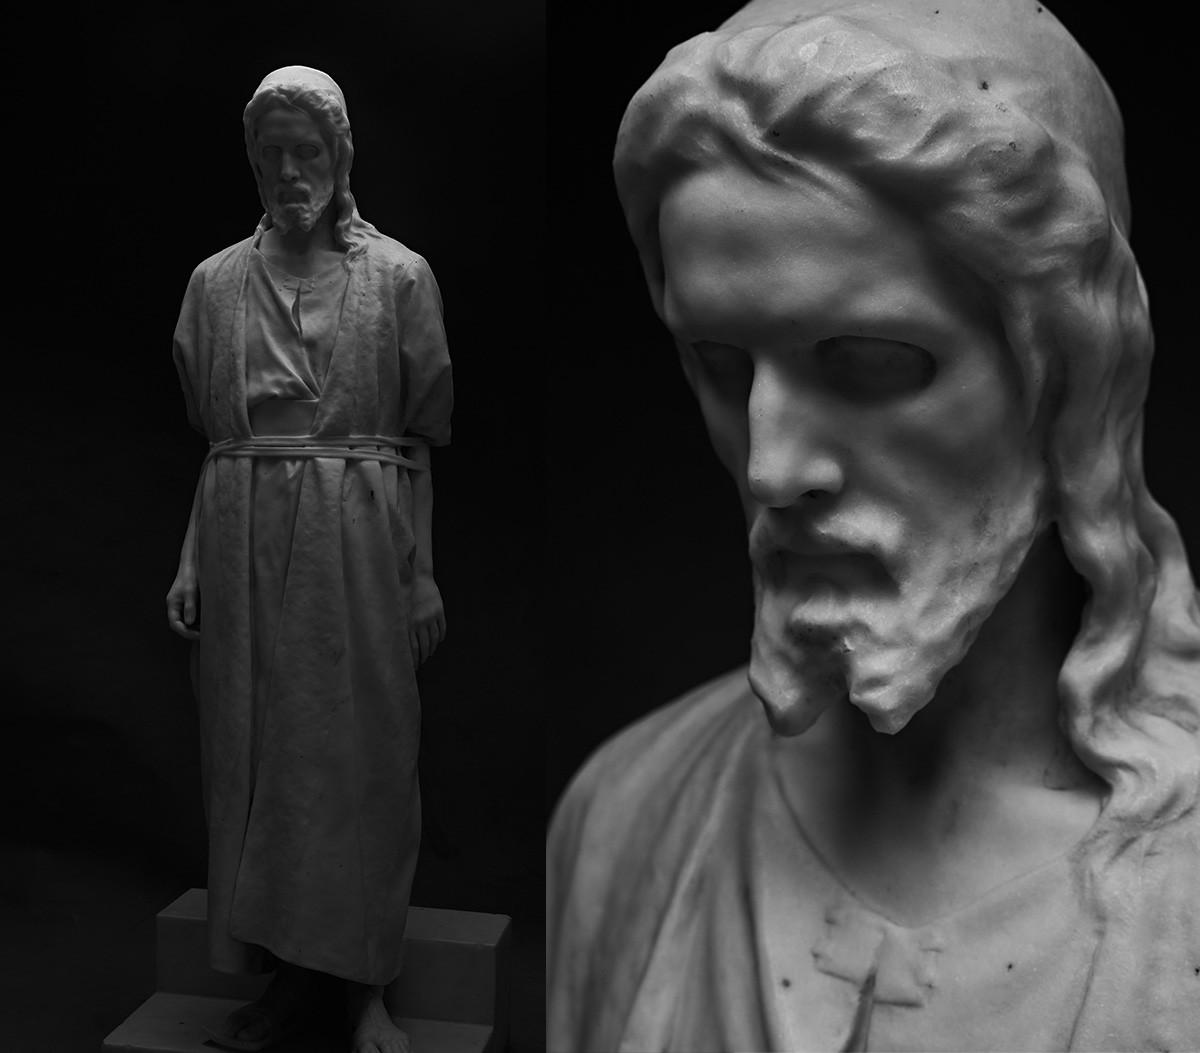 マルク・アントコルスキー、人民裁判の前のキリスト、1874年